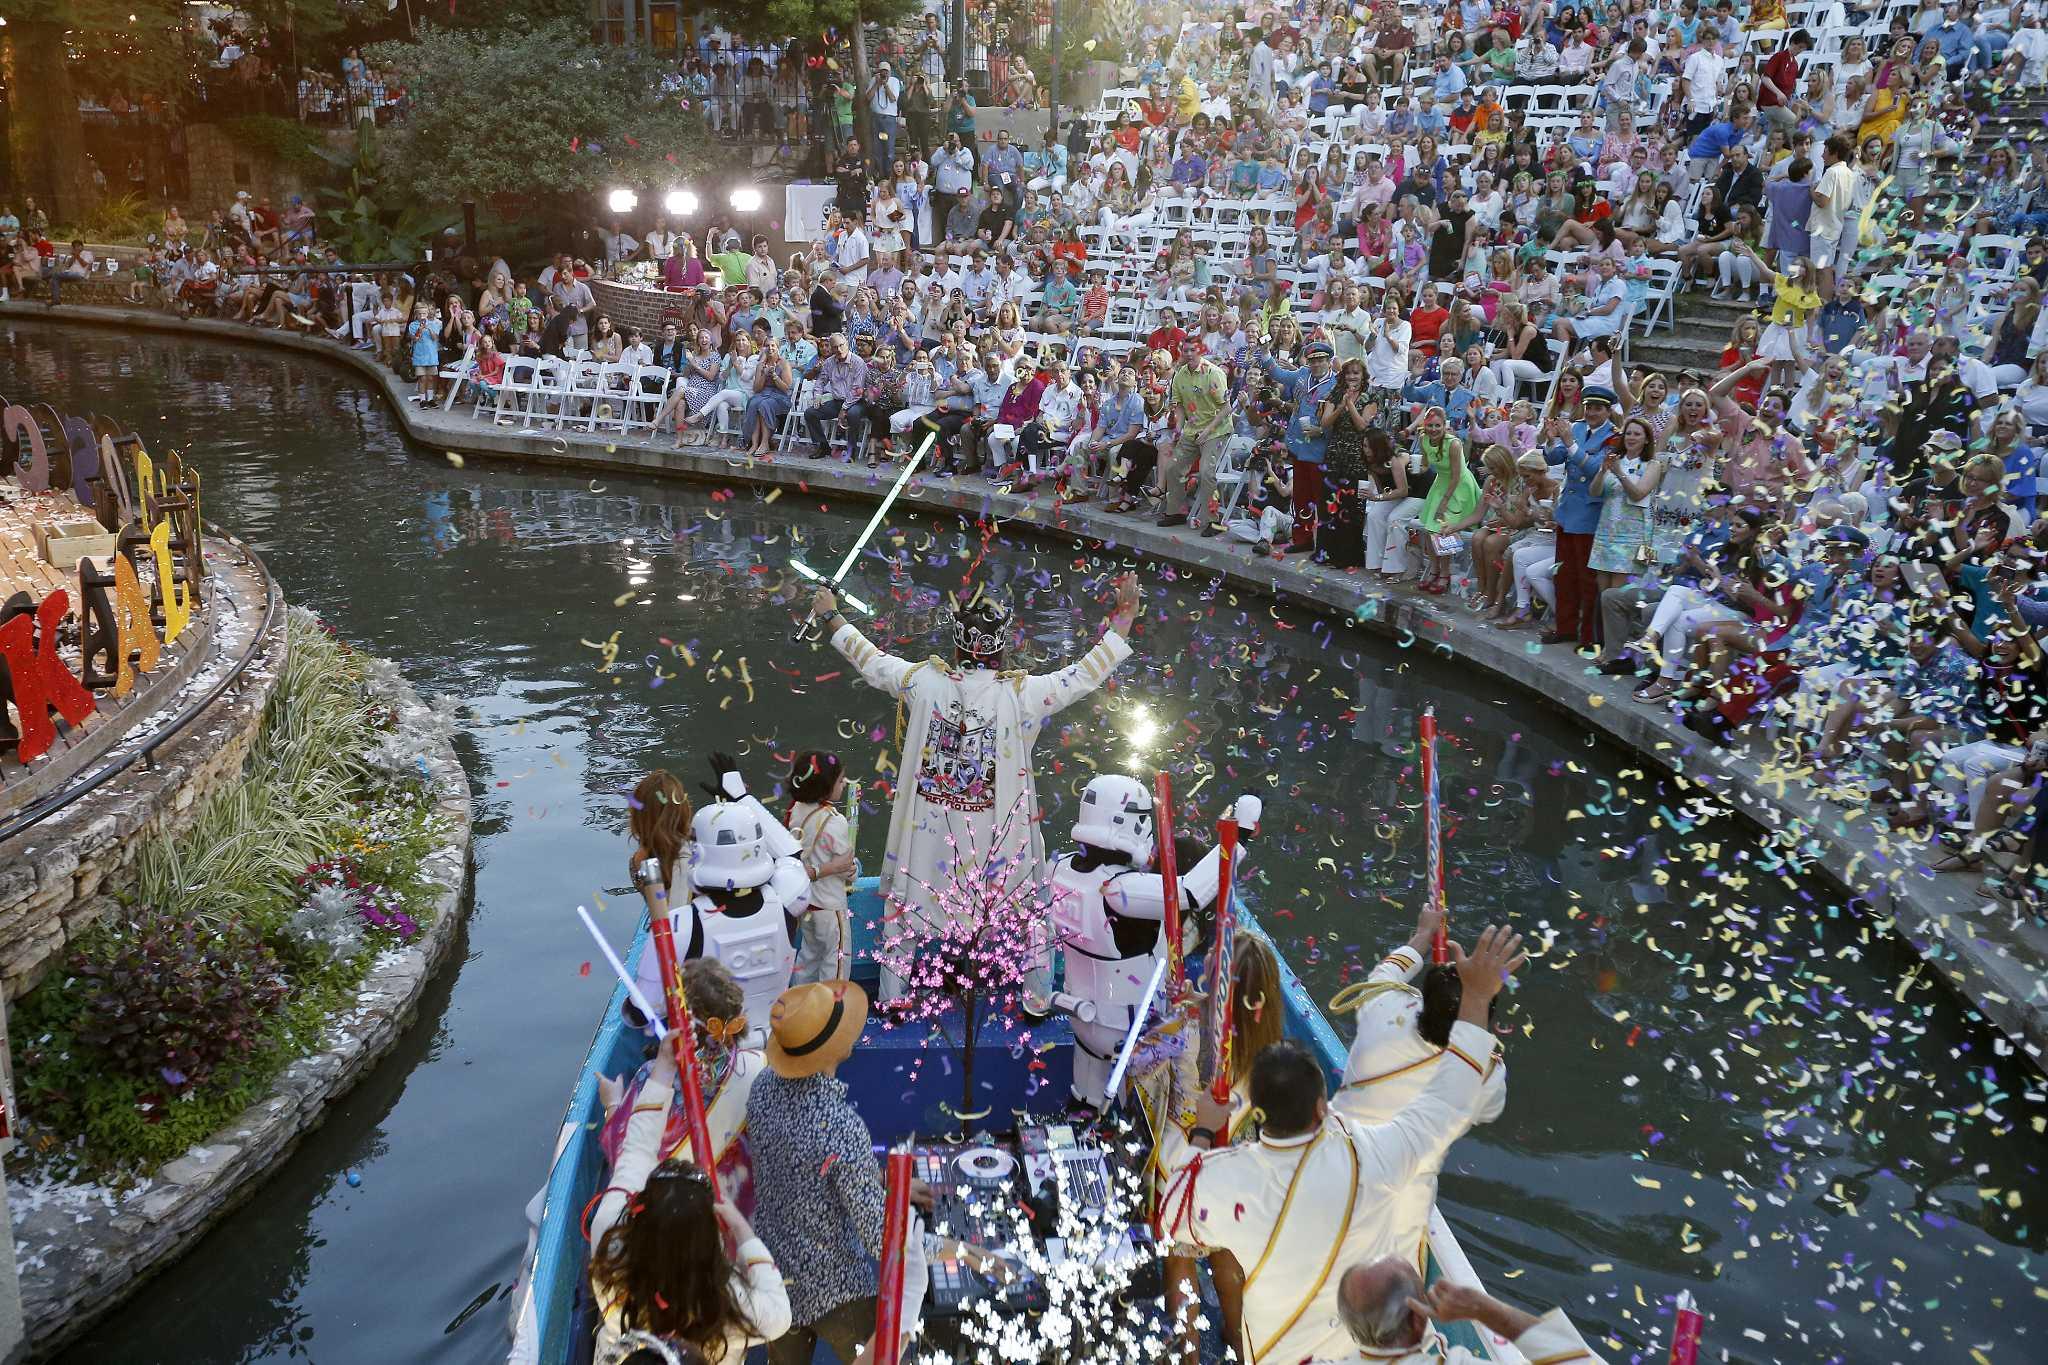 2017 Texas Cavaliers River Parade Quot Kaleidoscope Quot Held